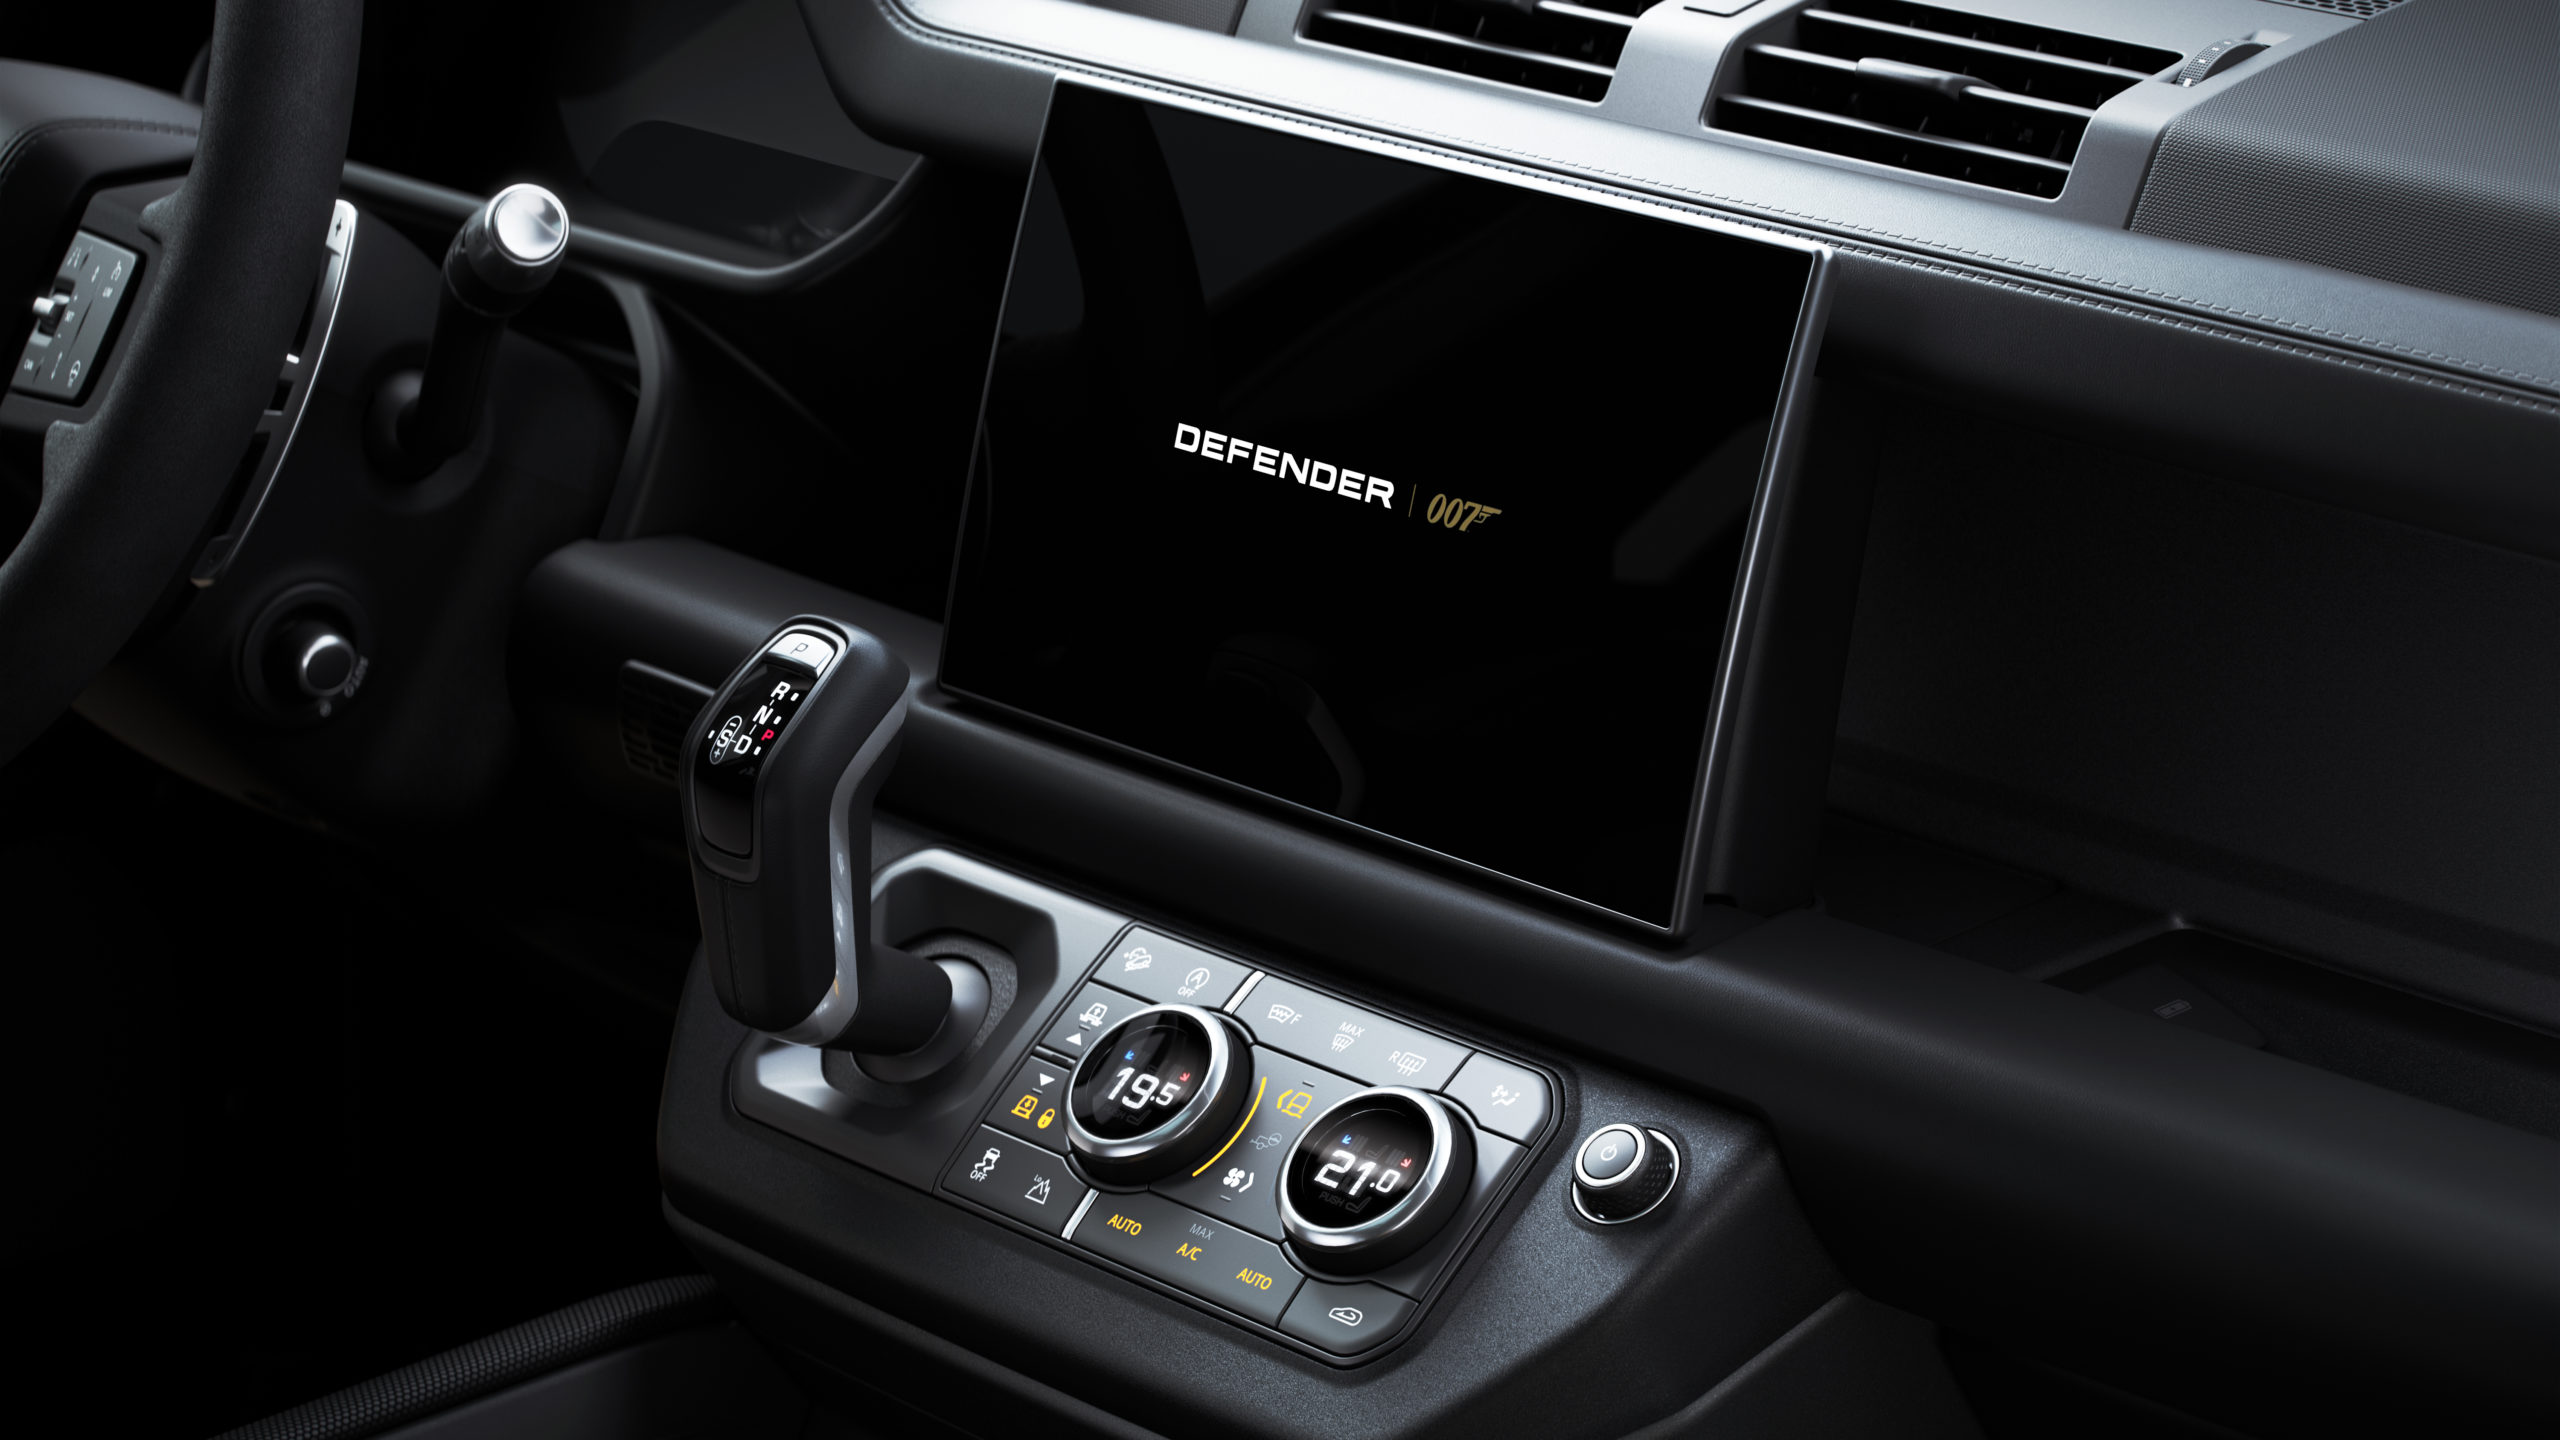 2022 Land Rover Defender V8 Bond Edition interior